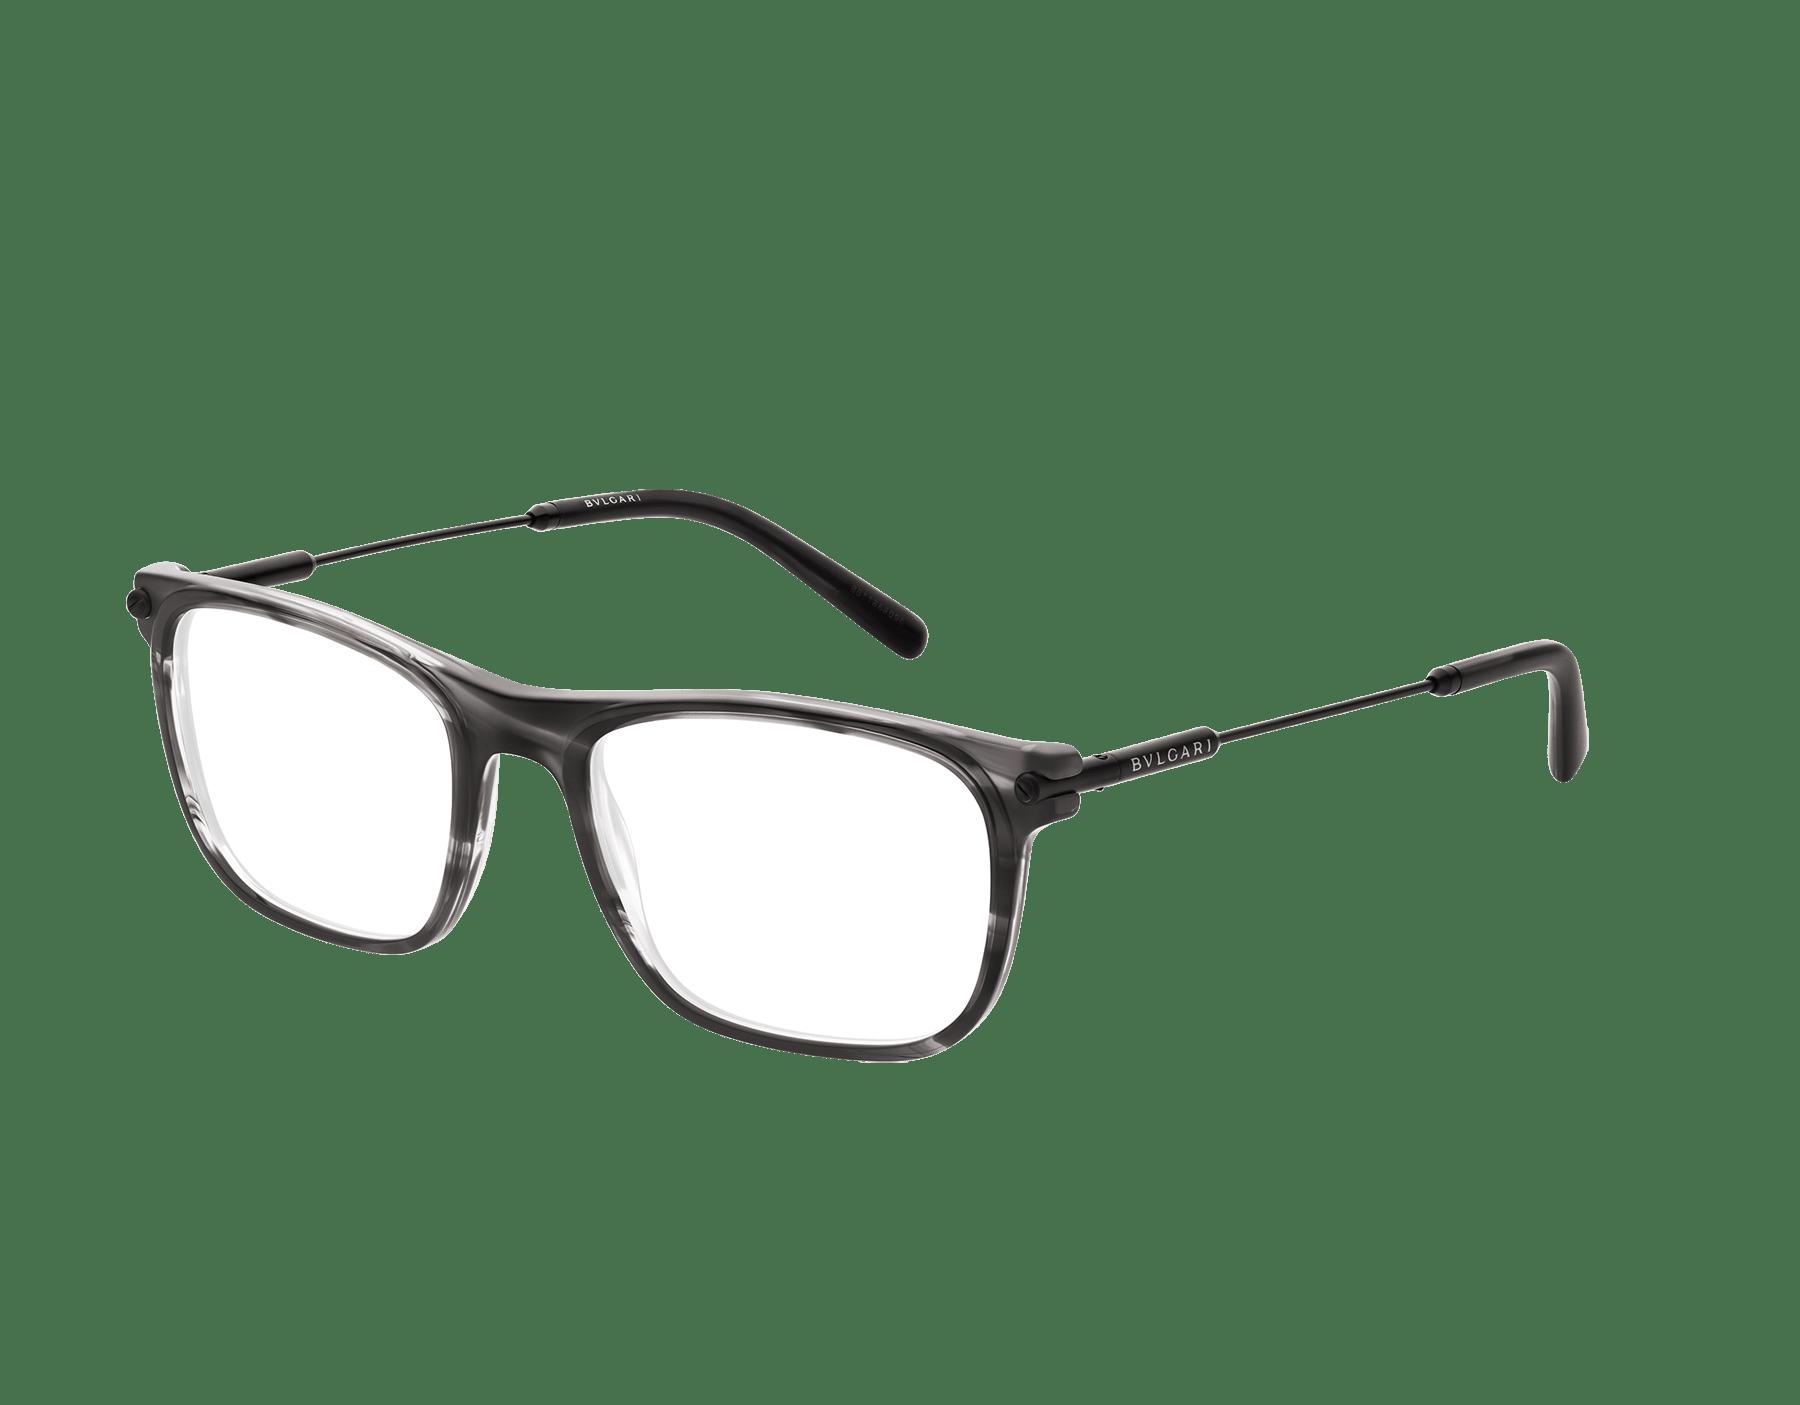 Occhiali da vista Diagono con montatura rettangolare in acetato. 903634 image 1